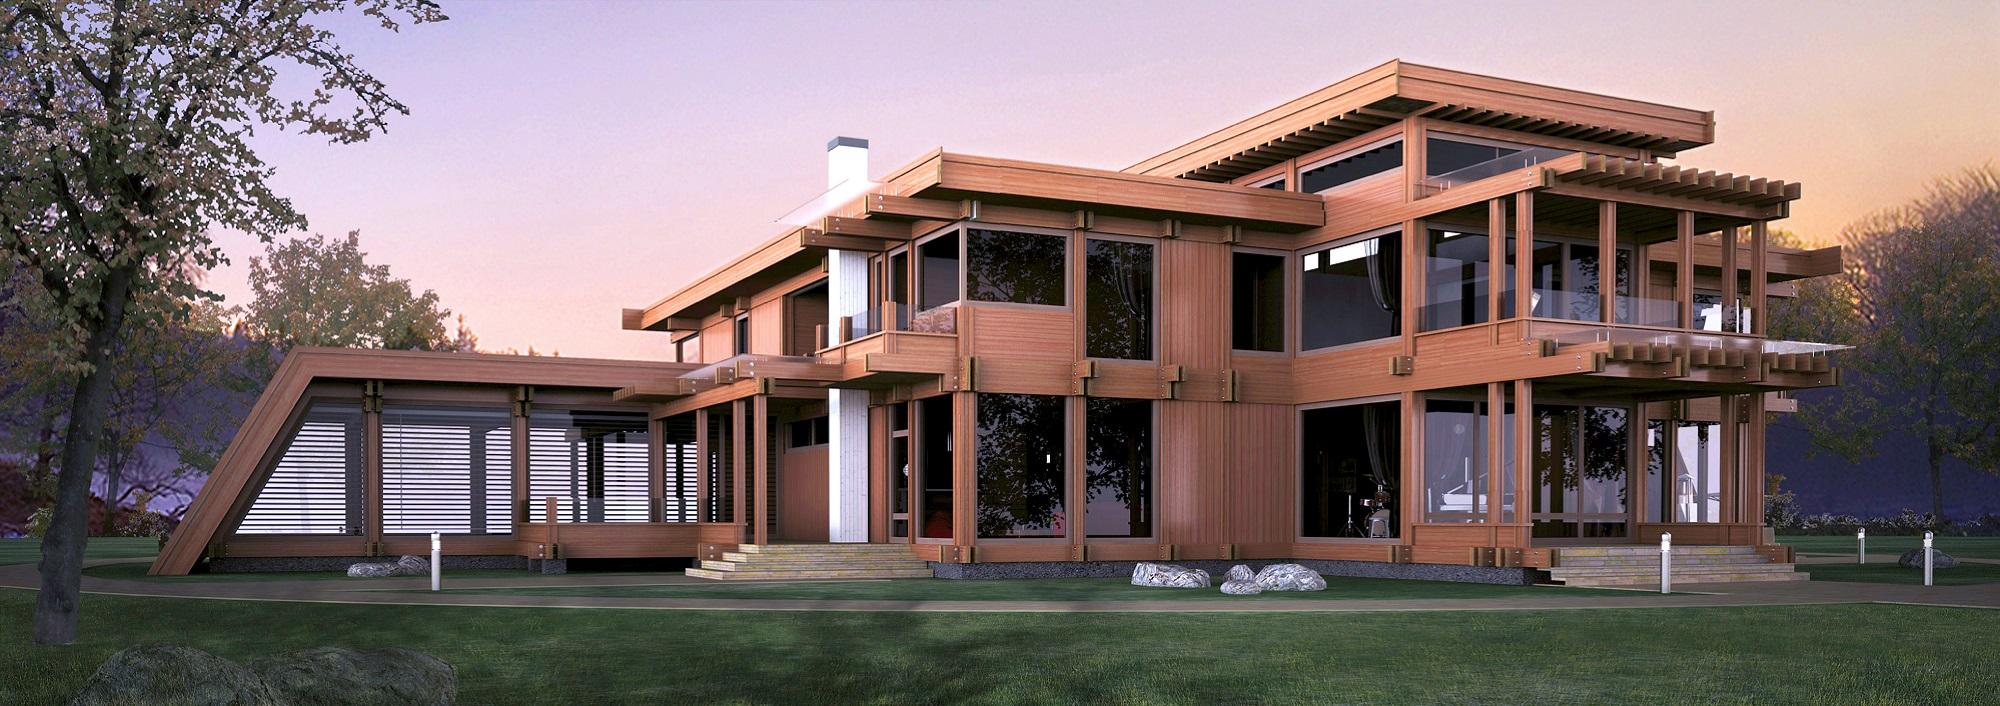 Элитный дом в стиле Pagano